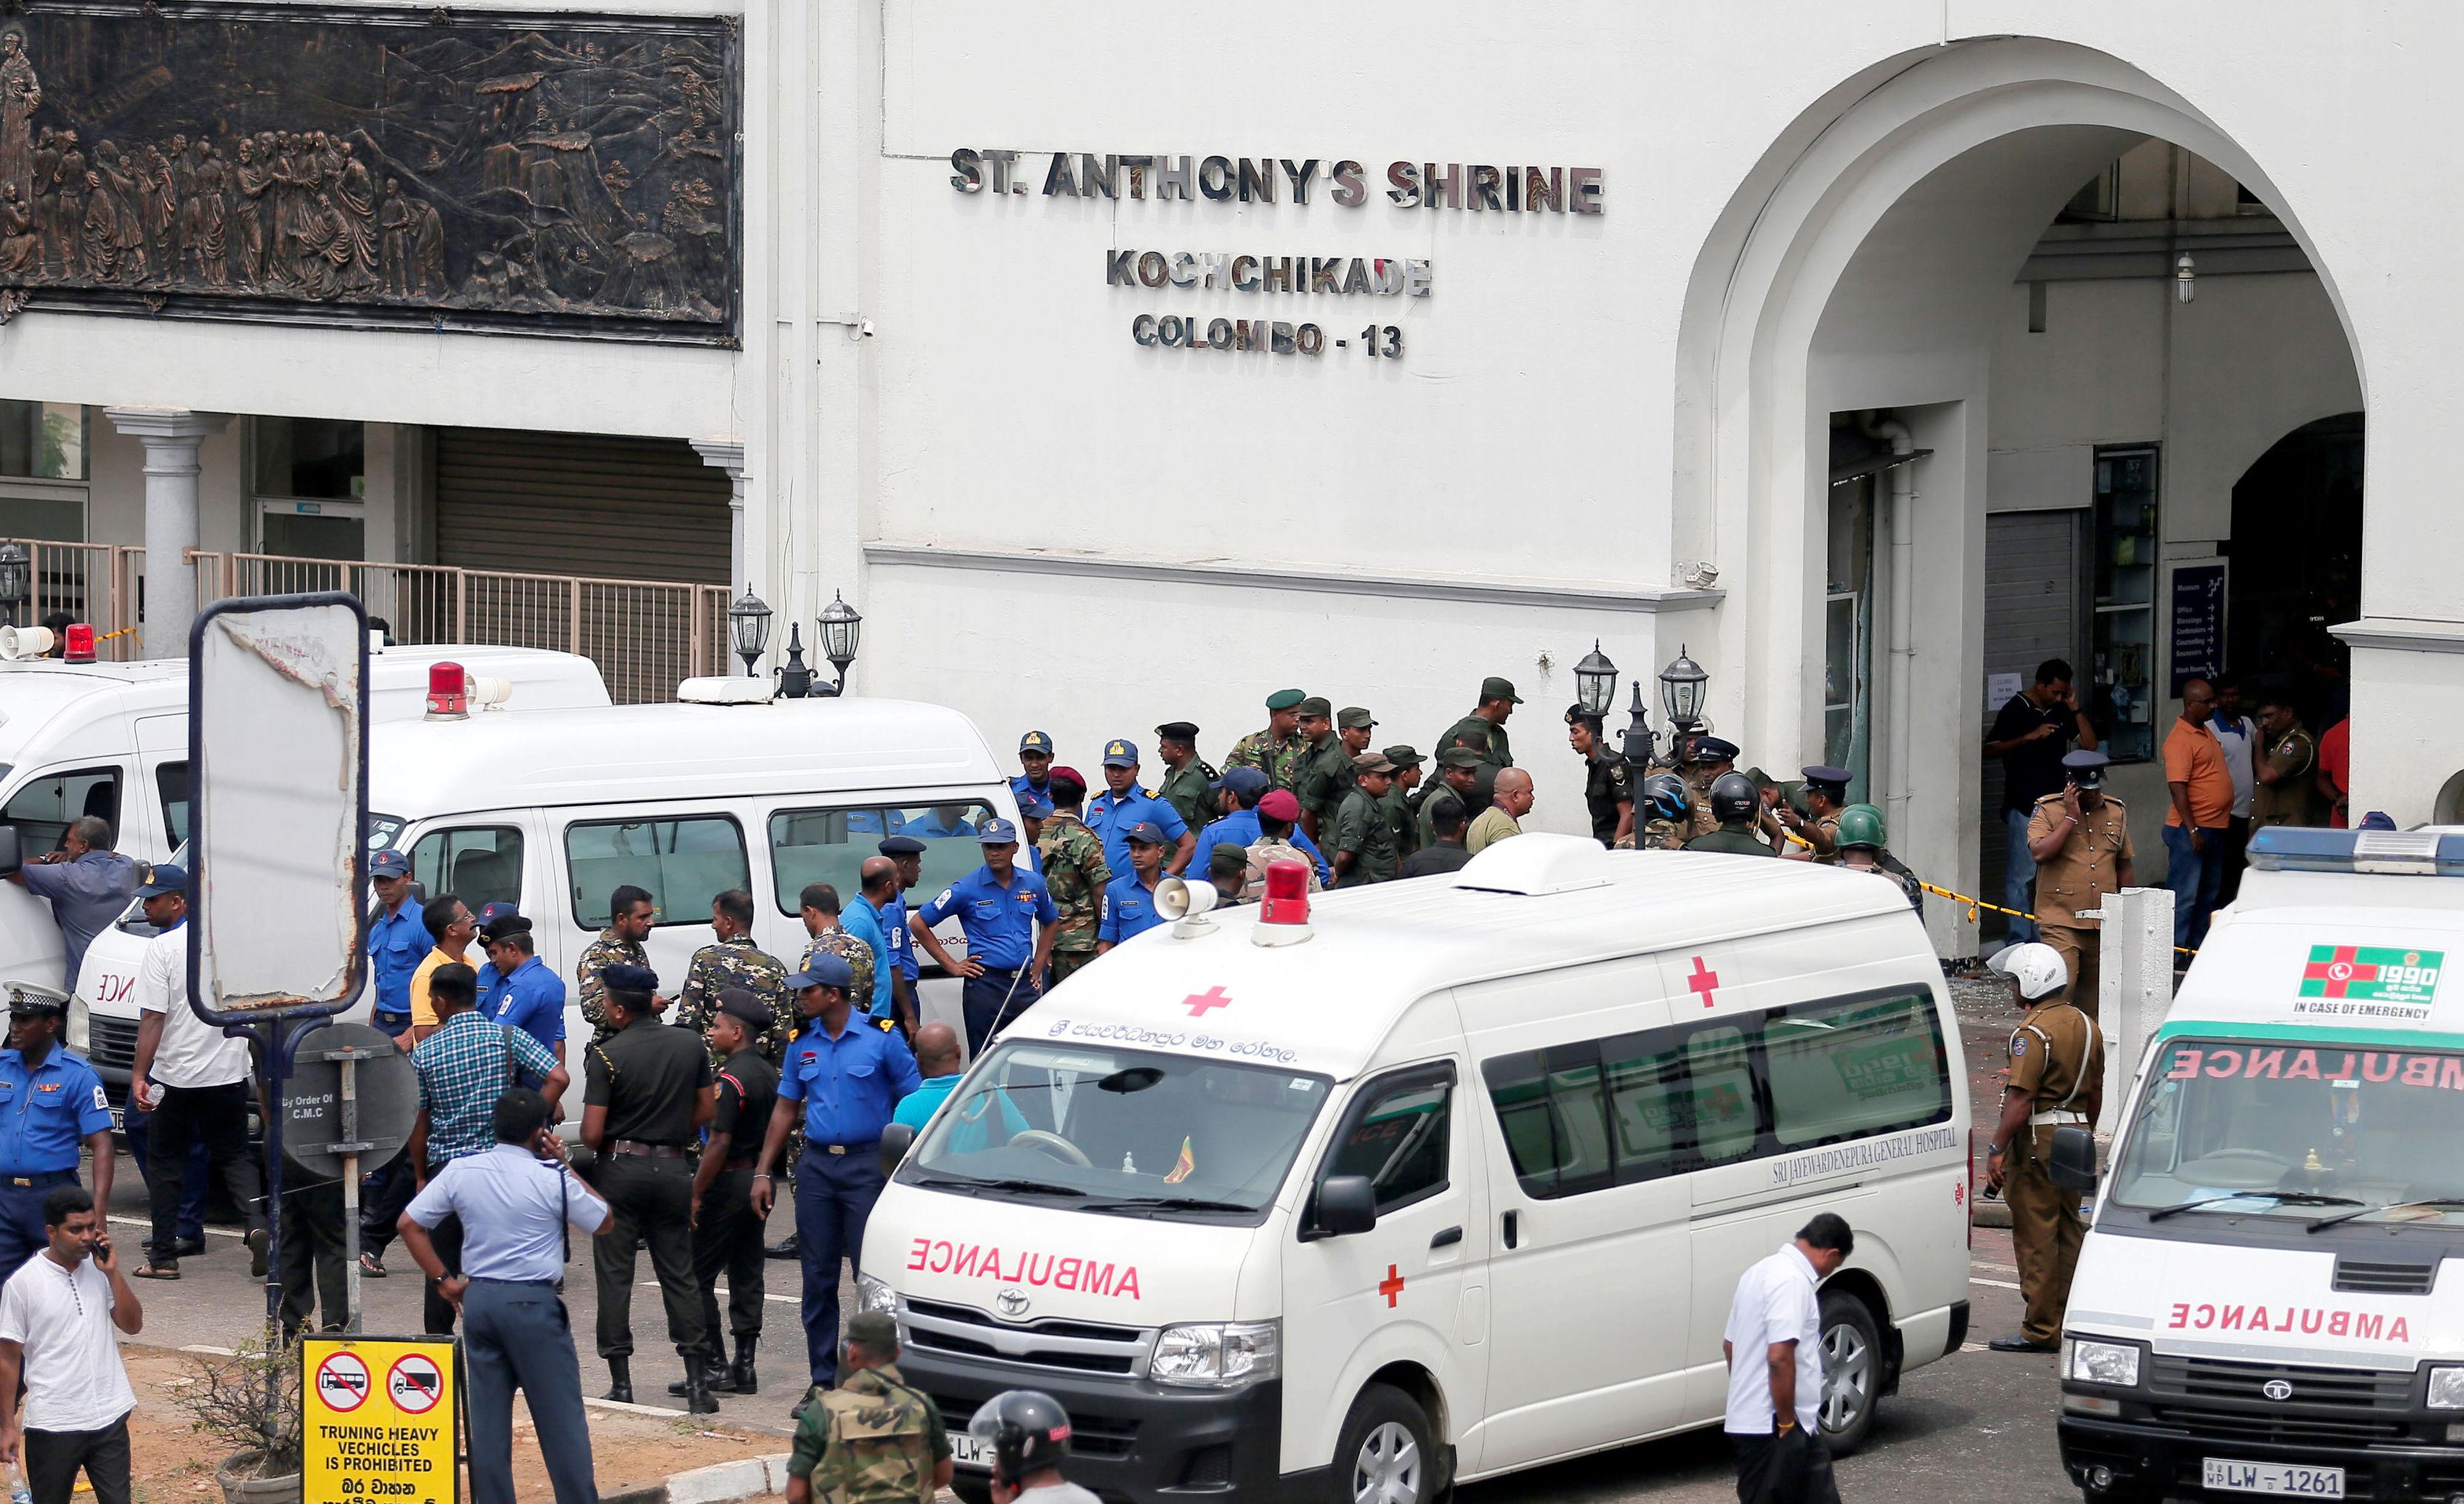 ИГИЛ взяло на себя ответственность за теракты на Шри-Ланке